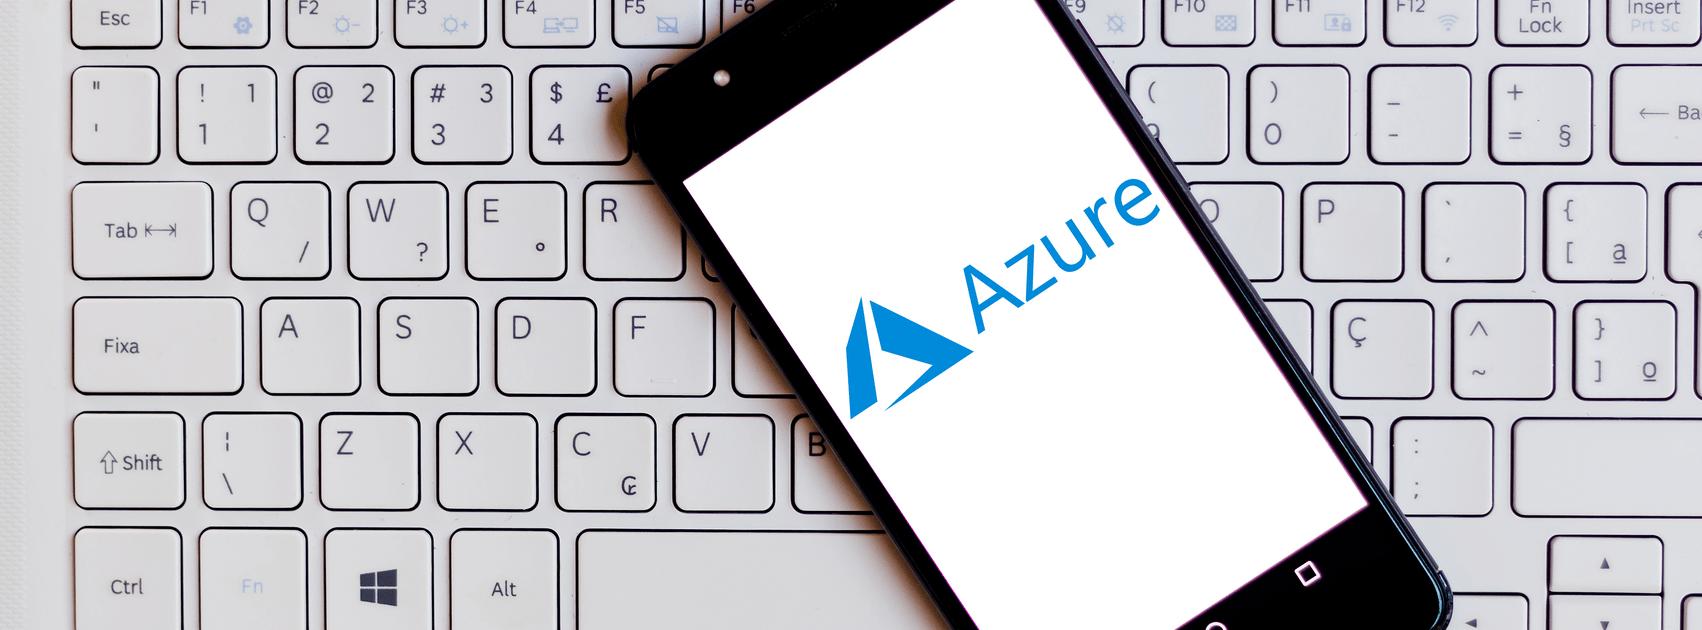 Знакомимся с Microsoft Azure Stack: что это такое, зачем и для кого, автор Знакомимся с Microsoft Azure Stack: что это такое, зачем и для кого | Kyivstar Business Hub, изображение №1